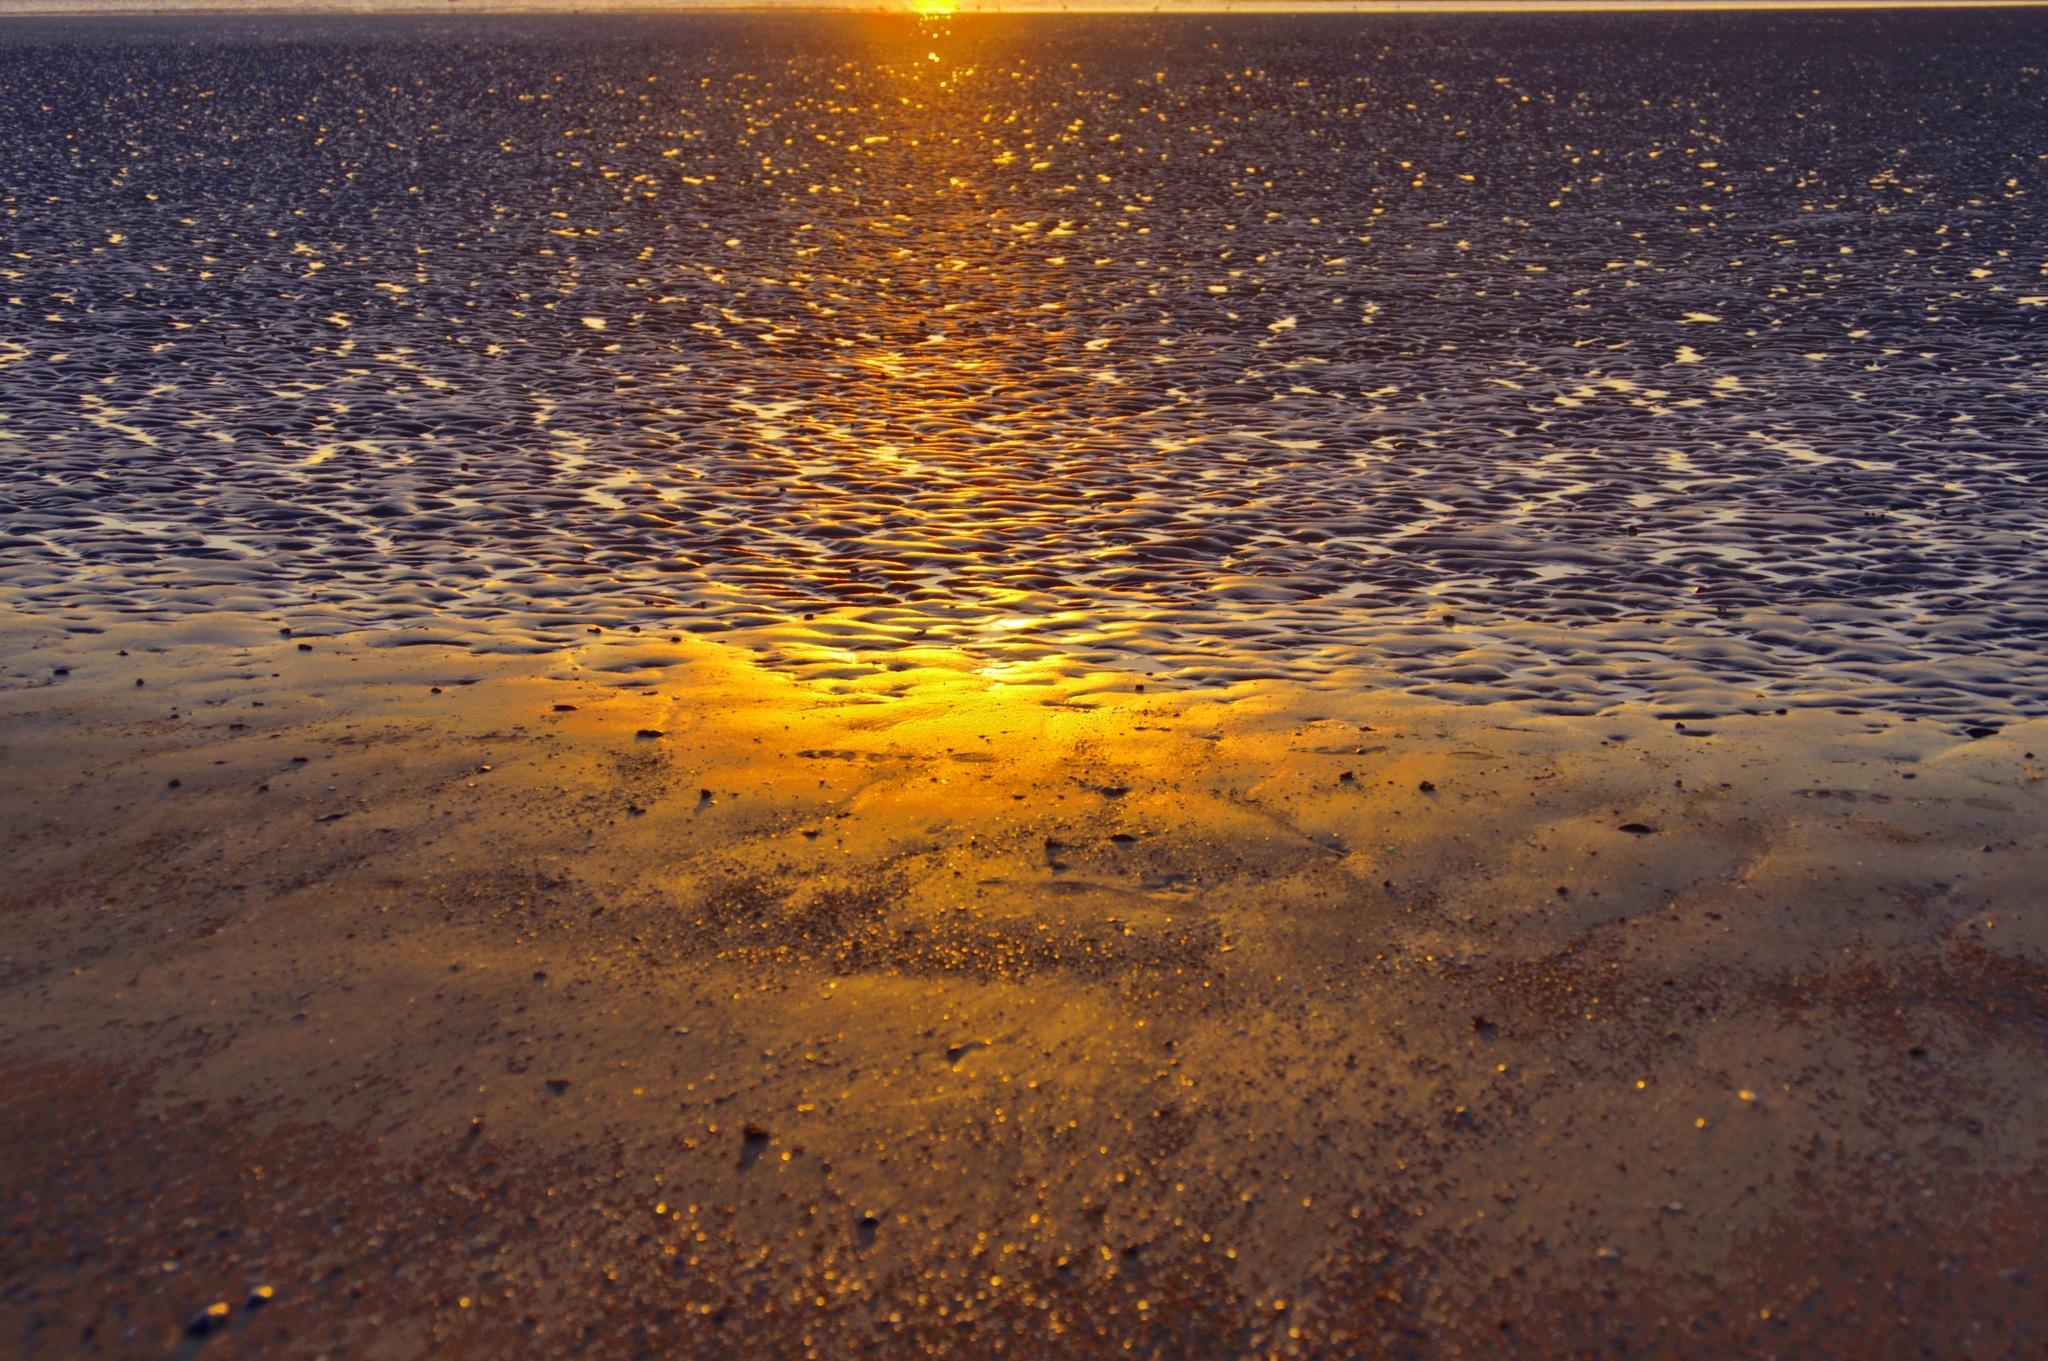 sundown in the watt by RIwanowski